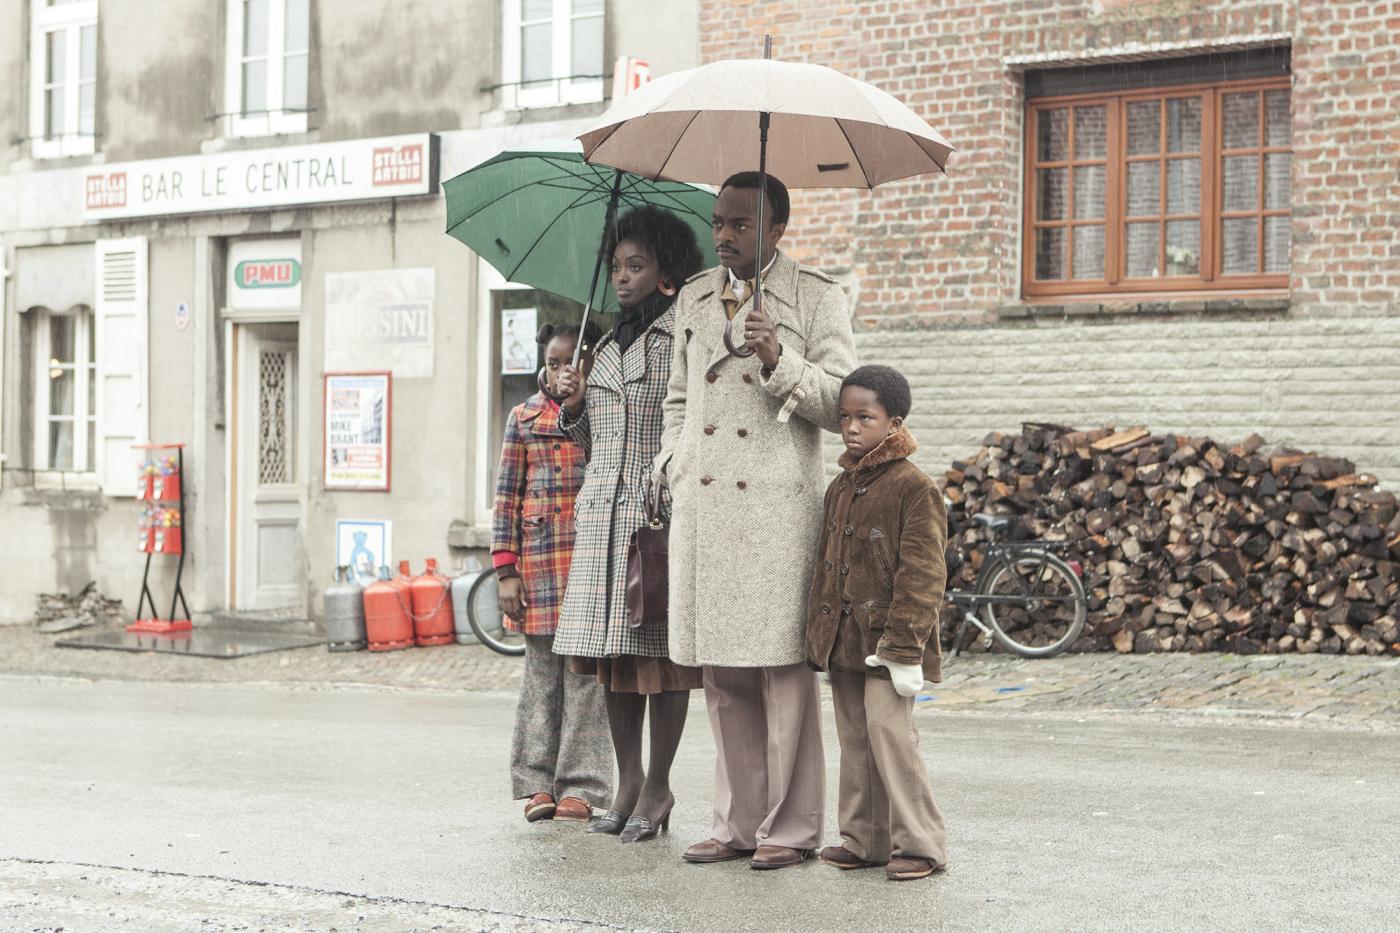 Ein Dorf Sieht Schwarz Kritik